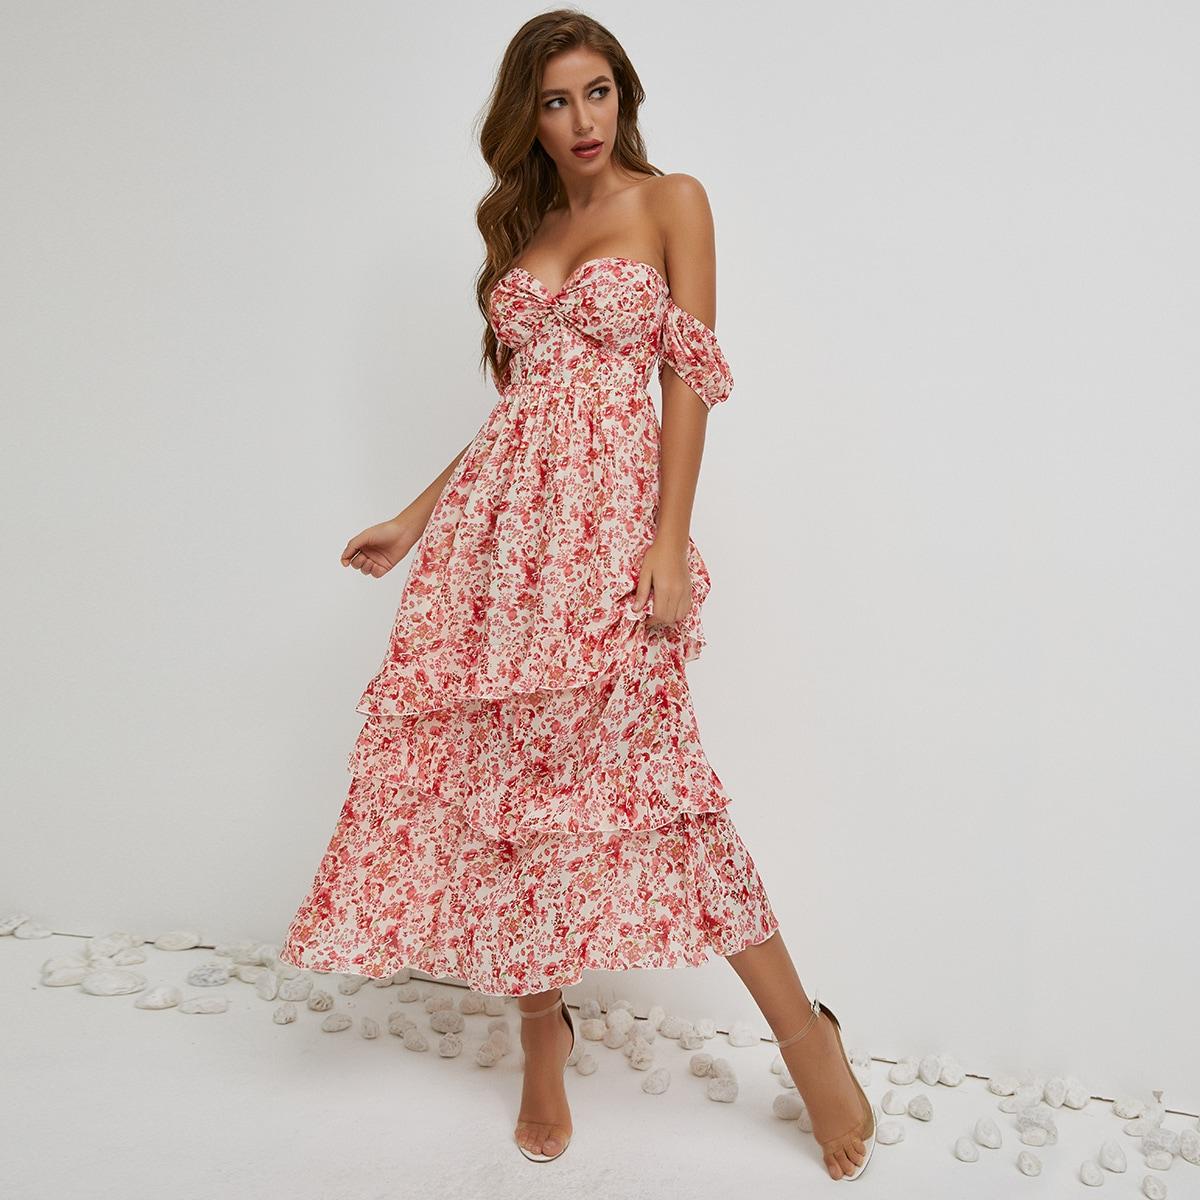 Платье с цветочным принтом, оборкой и драпировкой фото